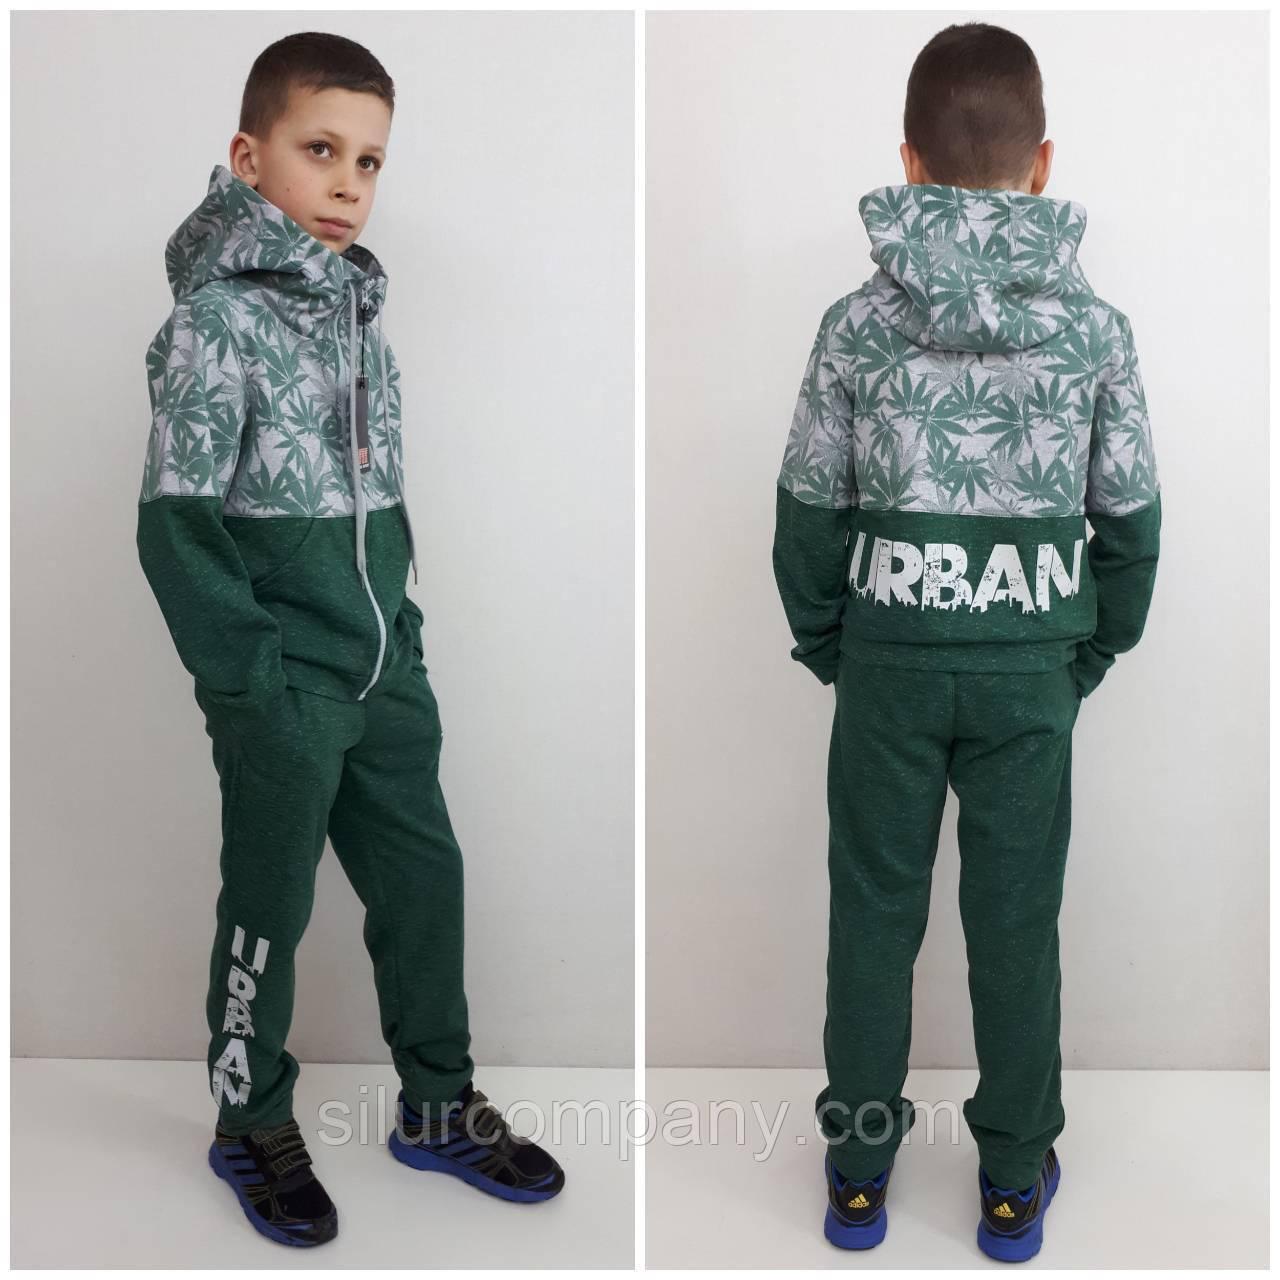 9839eb94 Зеленый спортивный костюм для подростка | Стильный красивый костюм для  мальчика - Интернет магазин